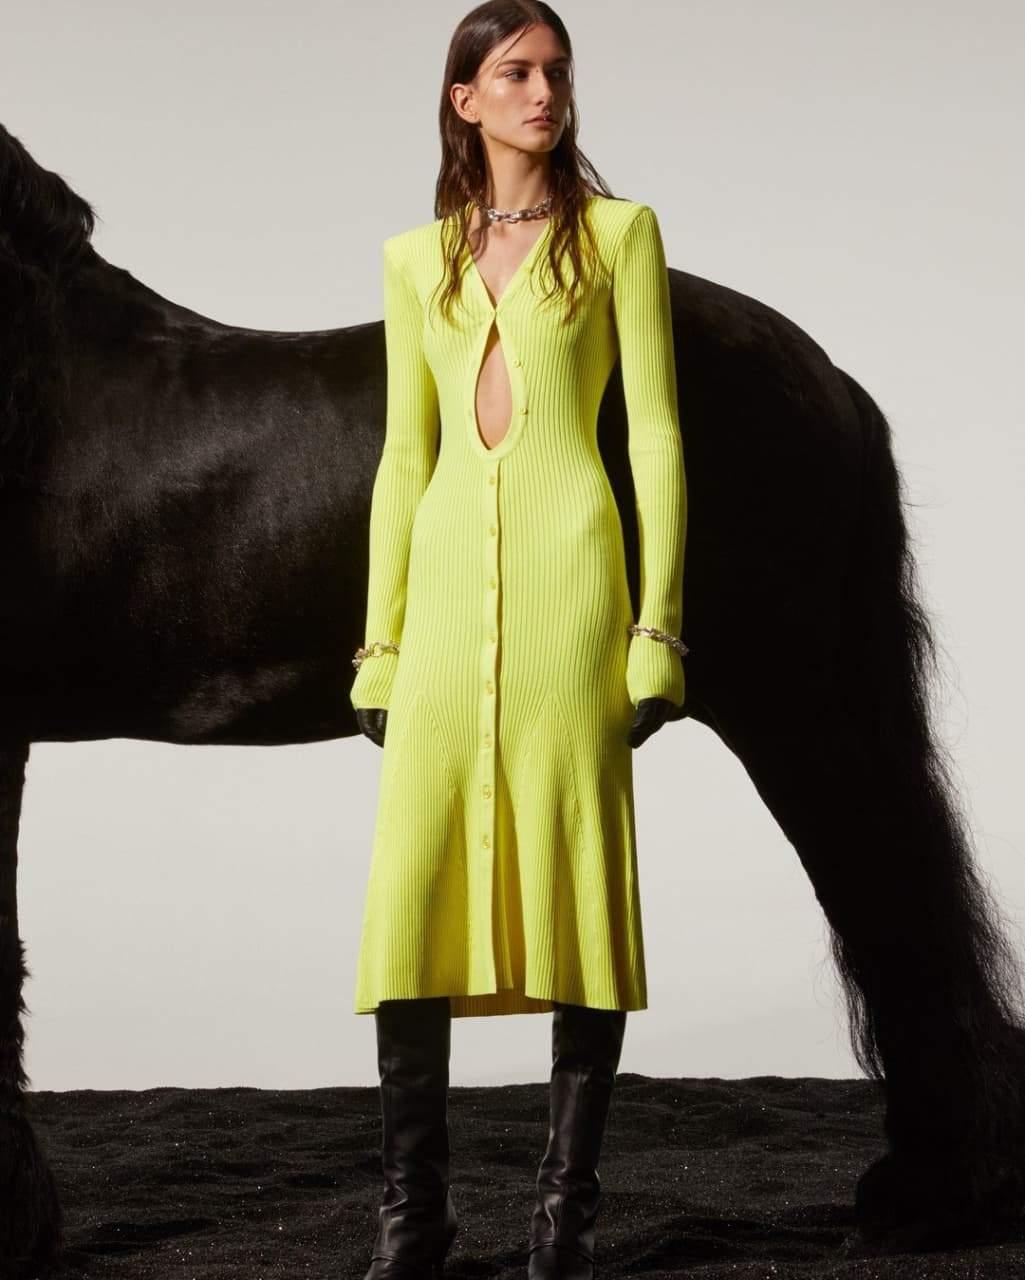 Дженніфер Лопес у сукні David Koma / Фото з інстаграму співачки